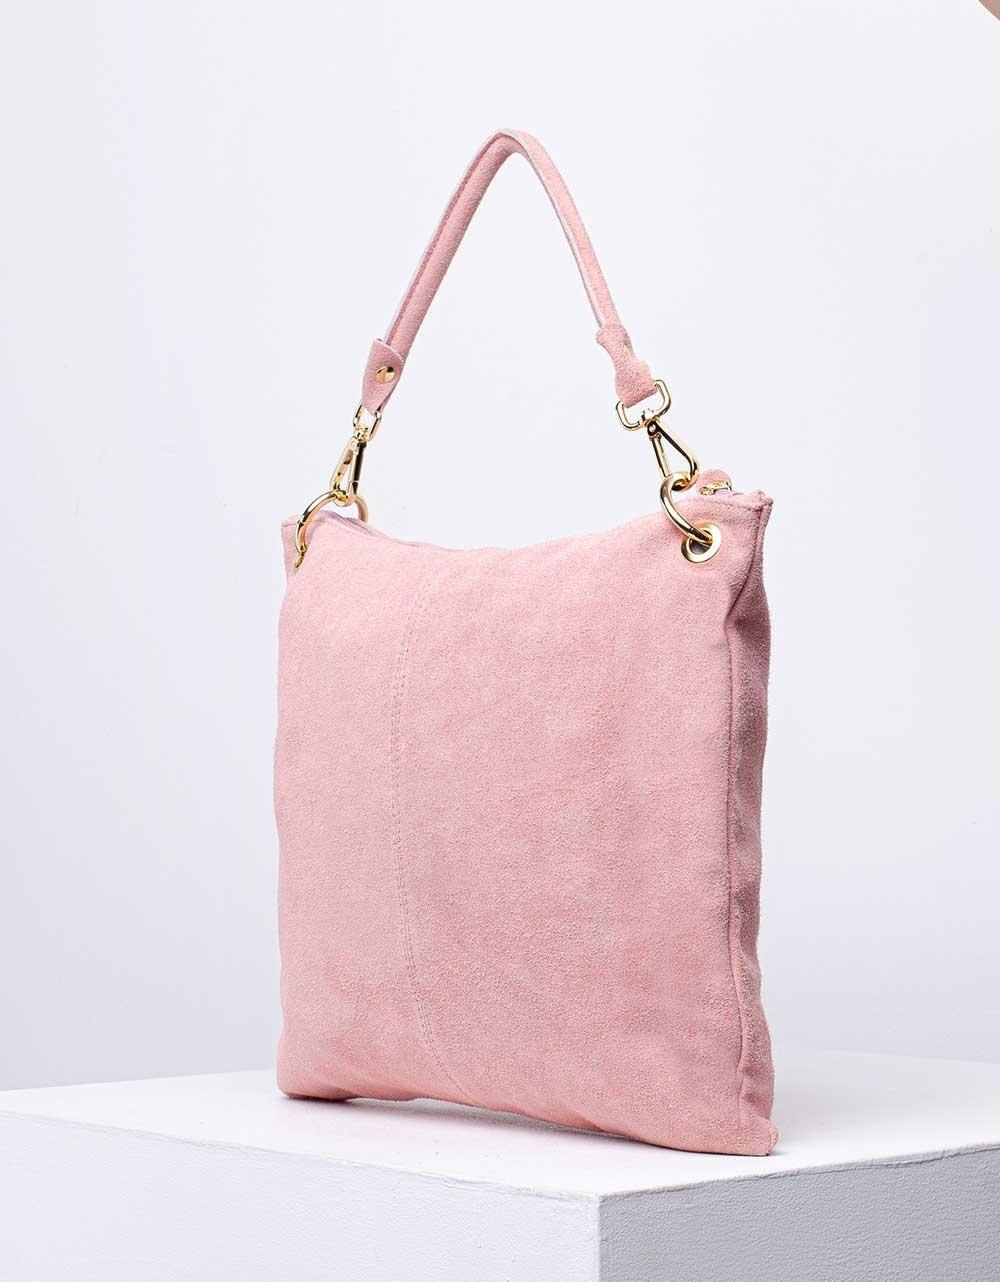 Εικόνα από Γυναικεία τσάντα χειρός από γνήσιο δέρμα με εξωτερικό τσεπάκι Ροζ